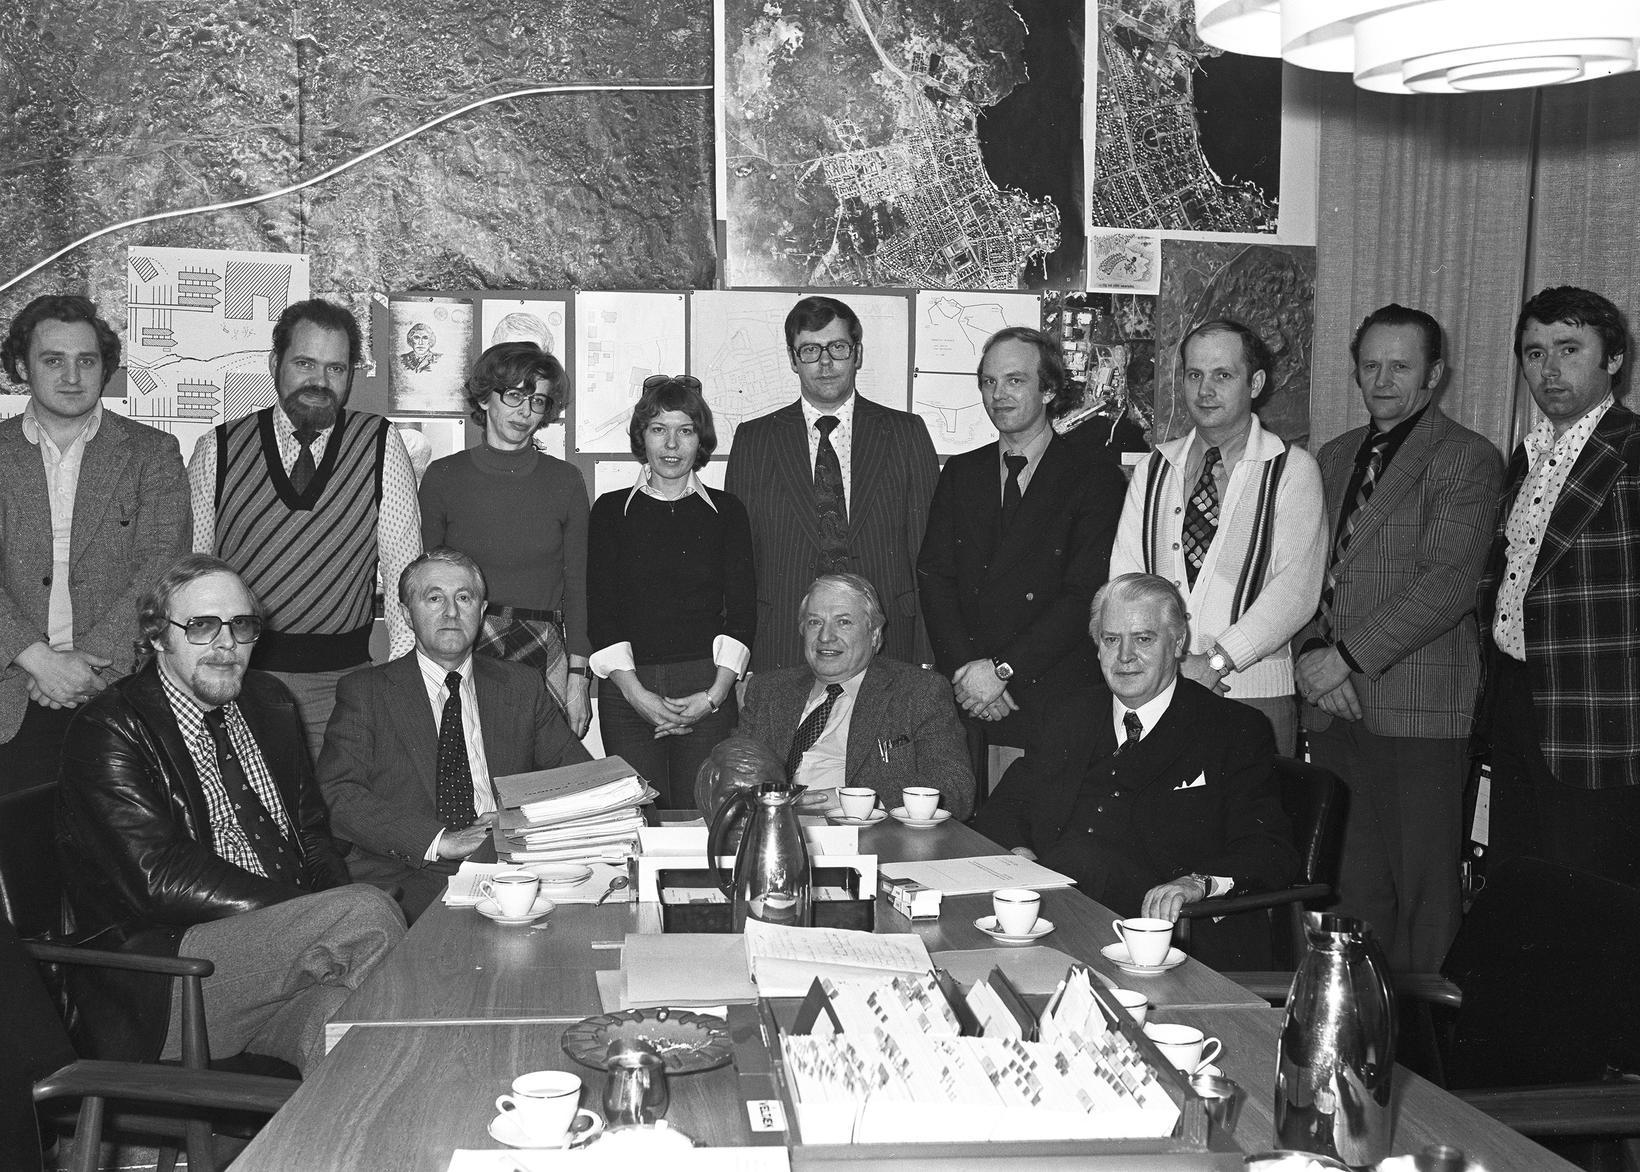 Rannsóknarhópur þýska rannsóknarlögreglumannsins Karl Schütz í ágúst 1976.